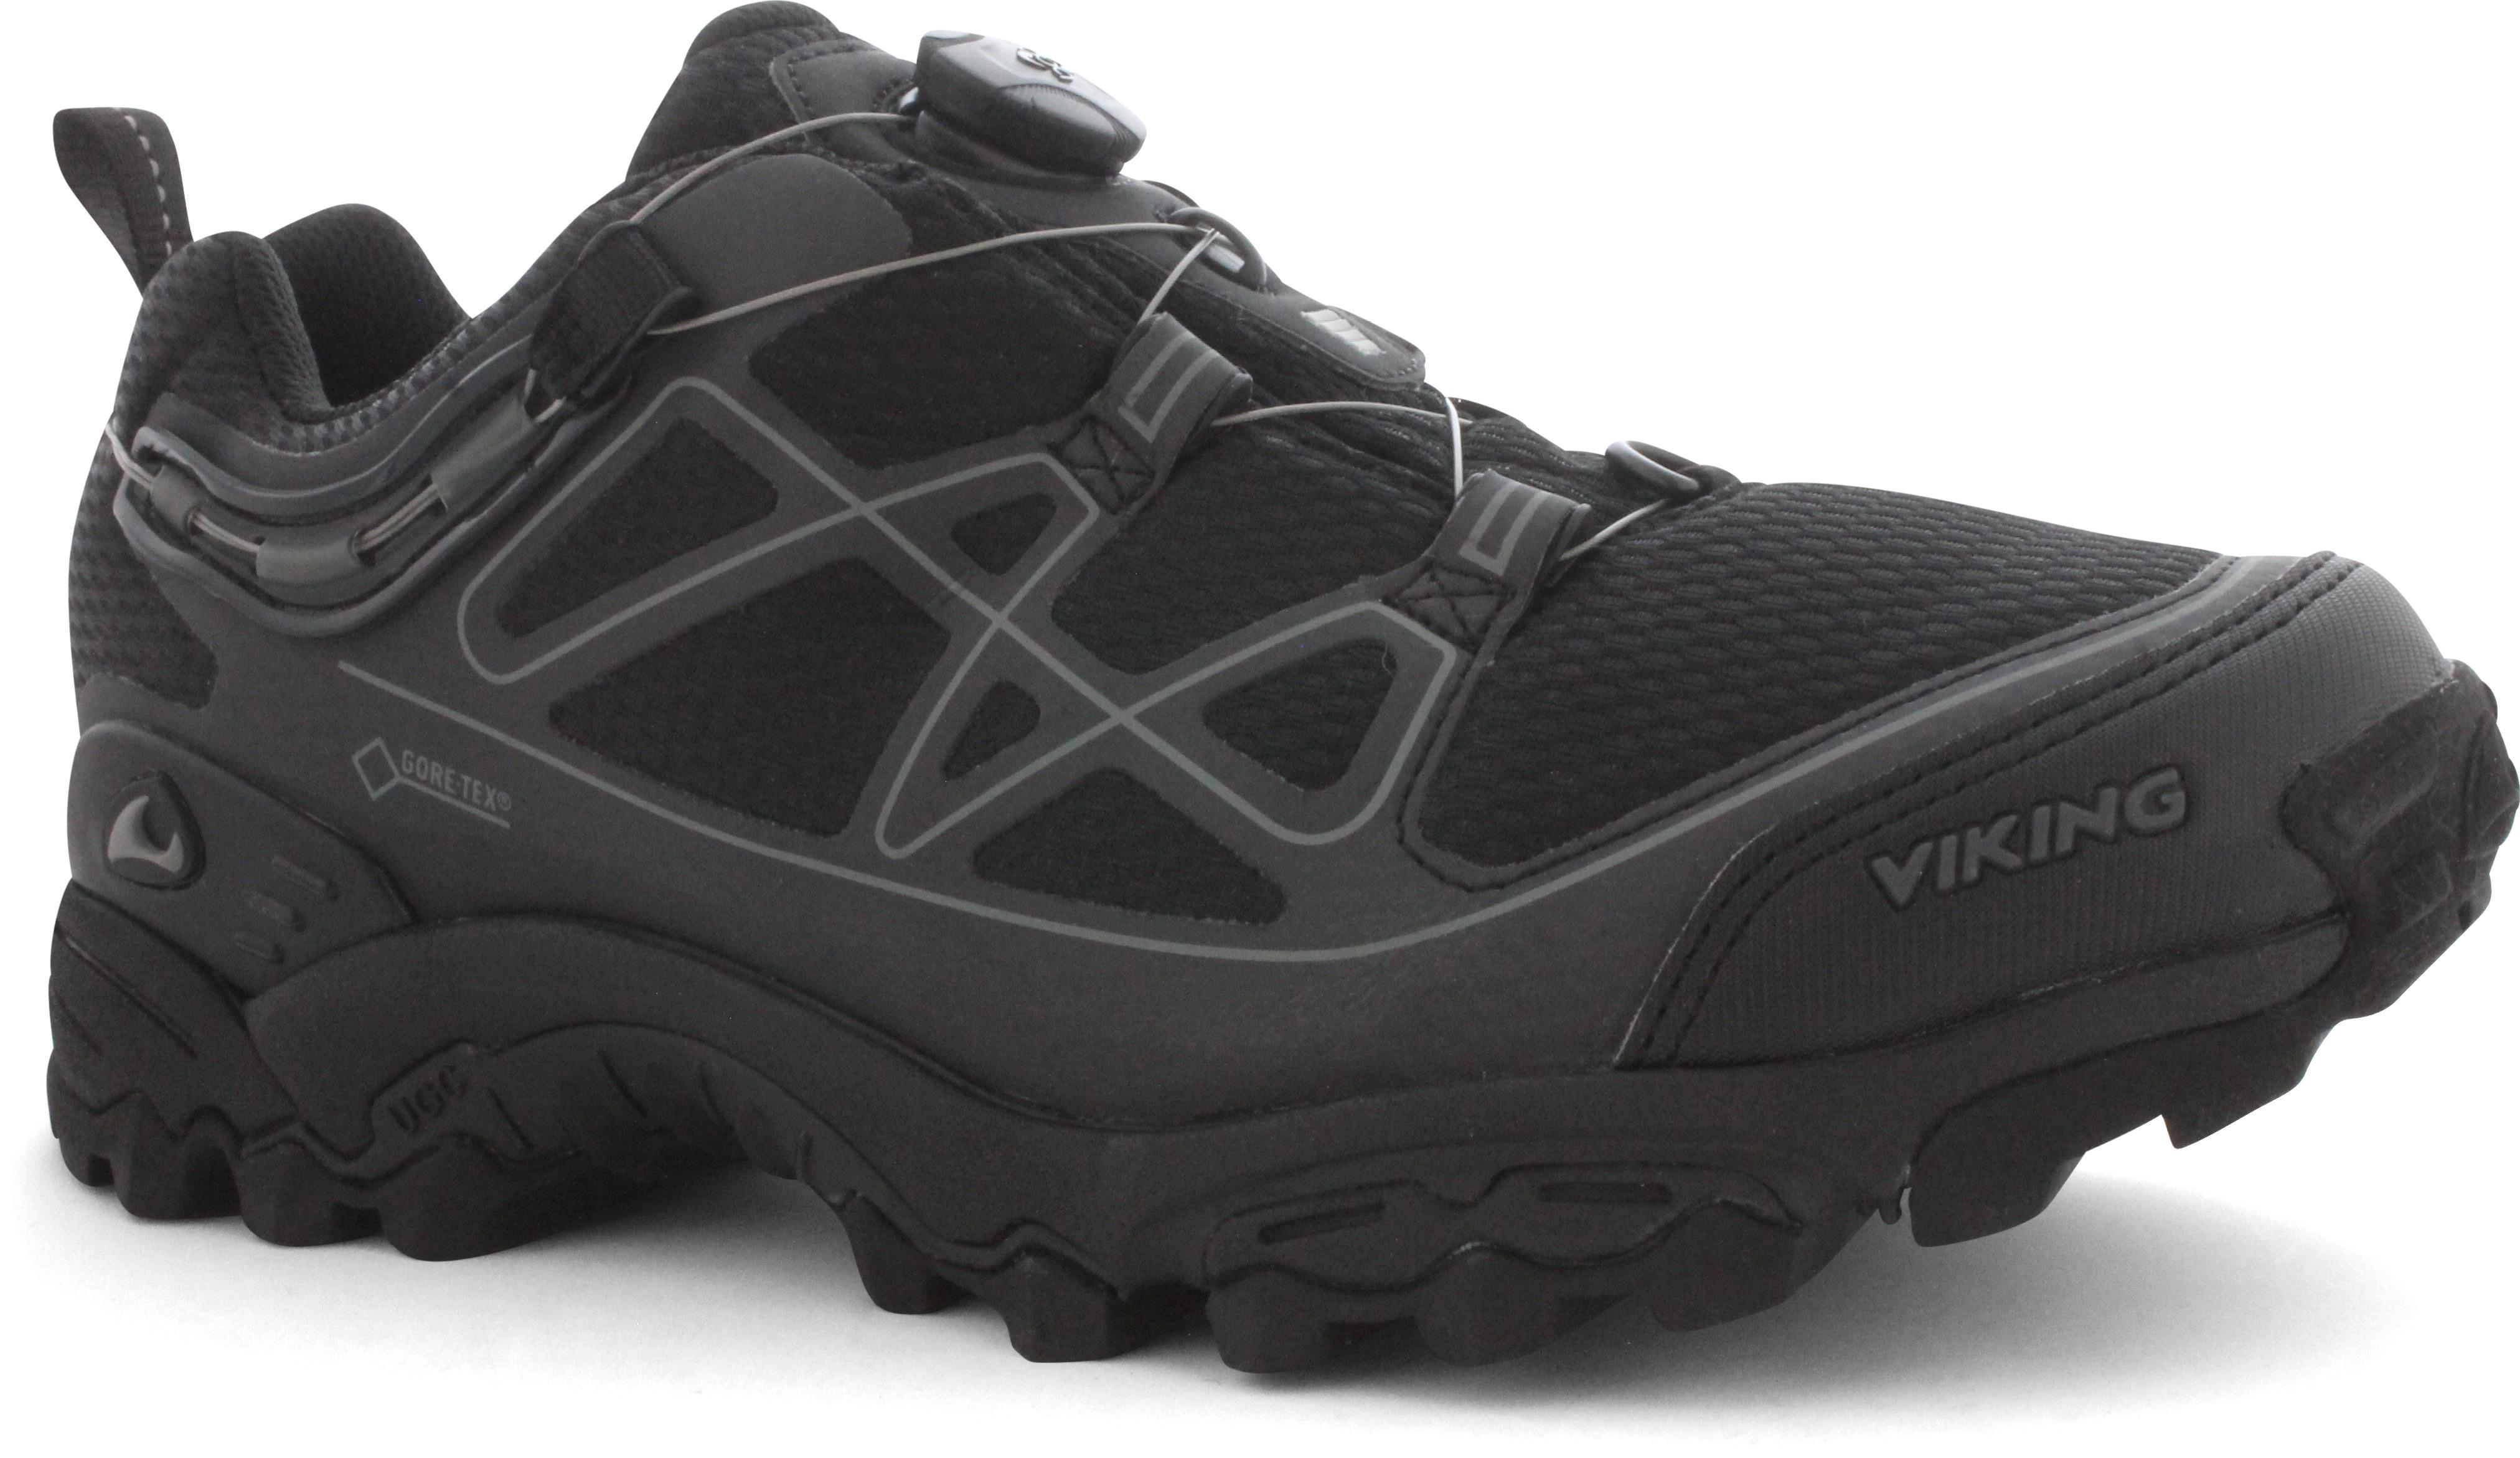 skor med uppbyggd hålfot